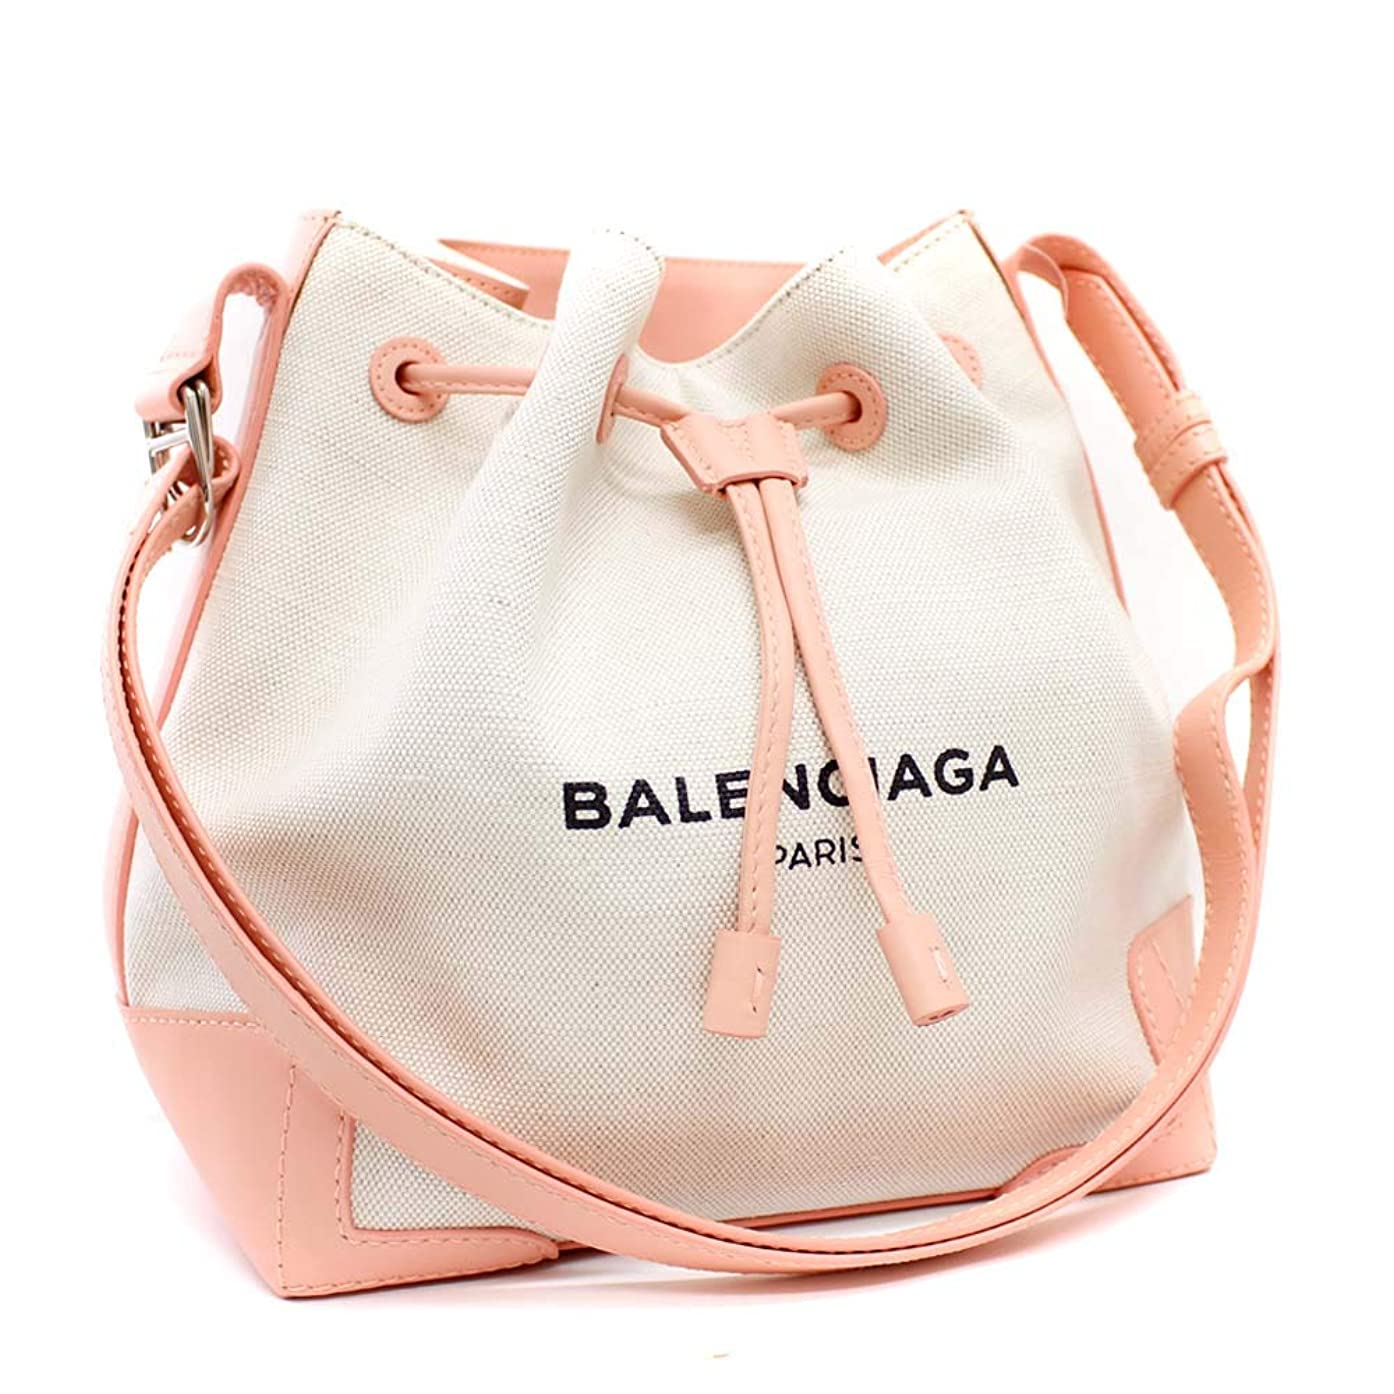 先住民消すジレンマバレンシアガ BALENCIAGA ネイビー バケット 巾着型 409000 ショルダーバッグ ピンク レディース キャンバス レザー [中古]